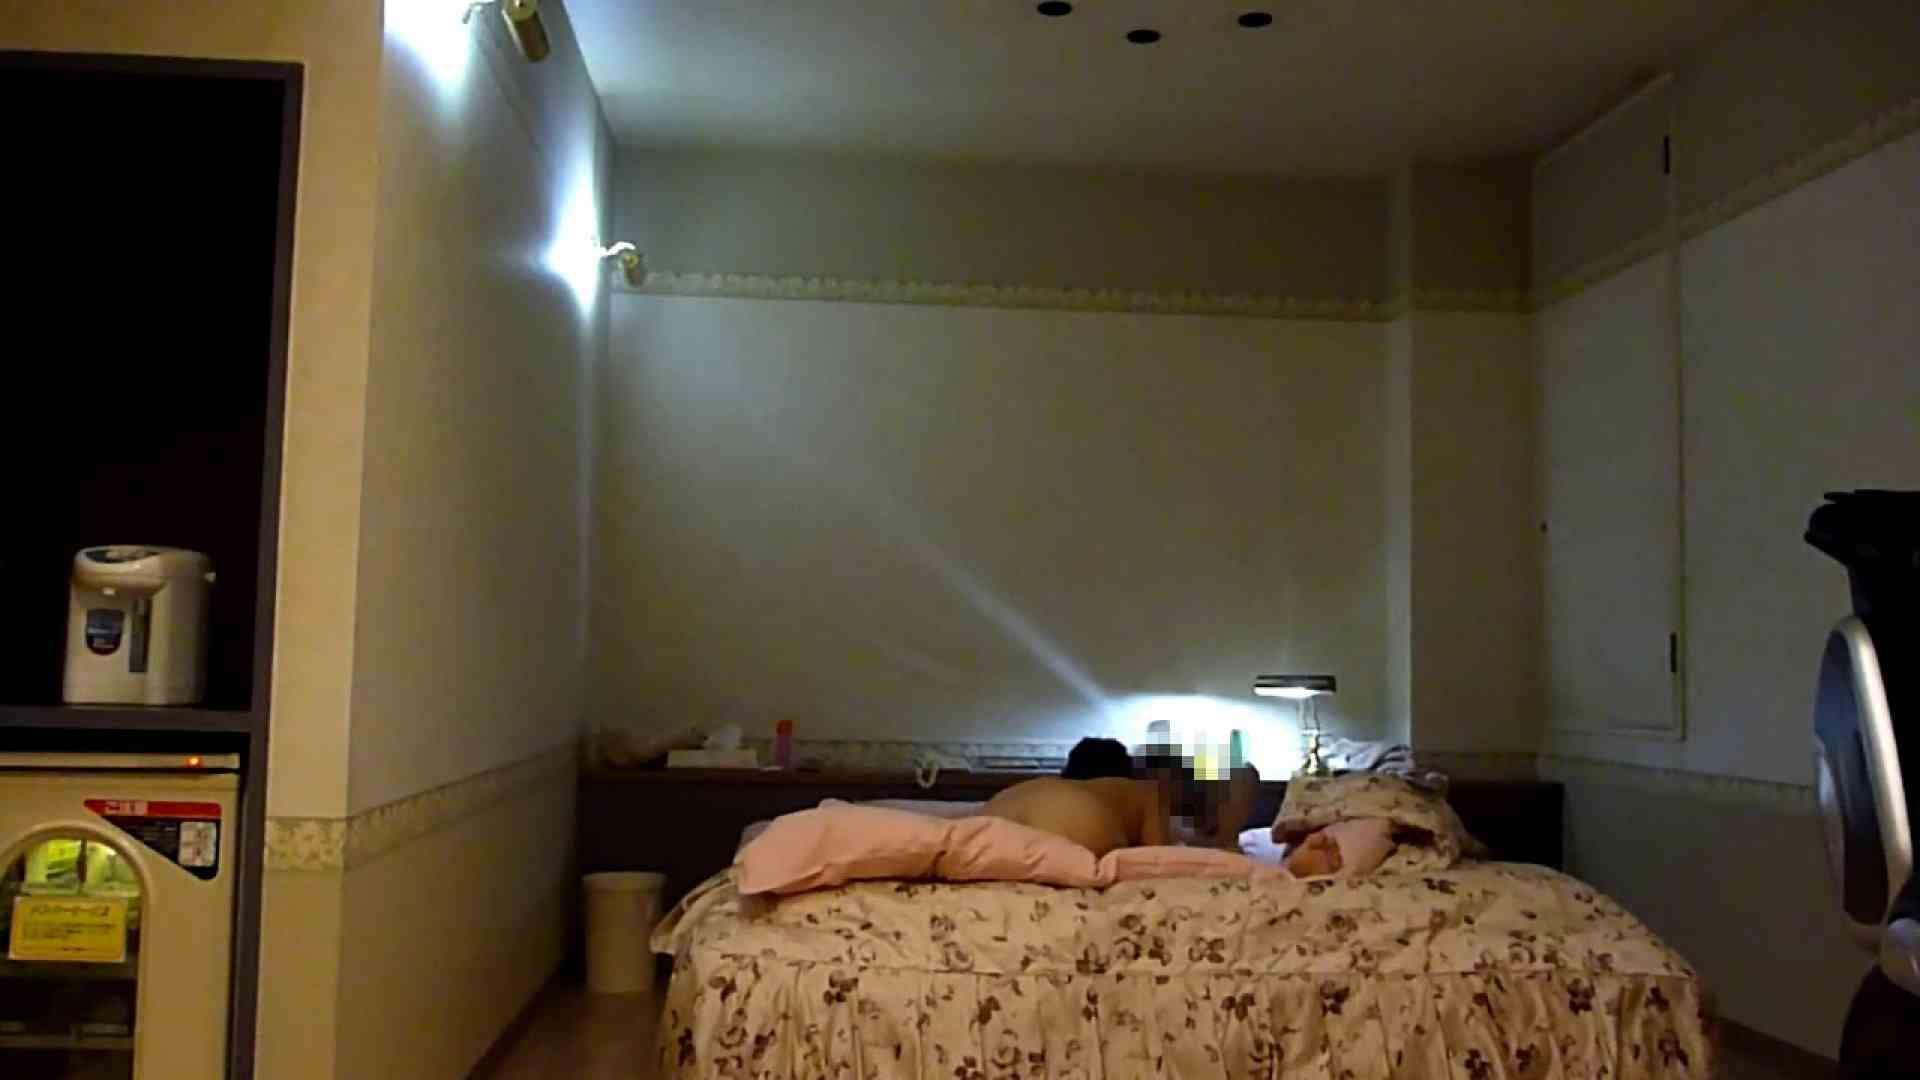 【完全素人投稿】誰にしようか!?やりチン健太の本日もデリ嬢いただきま~す!!12 投稿 セックス無修正動画無料 106pic 98